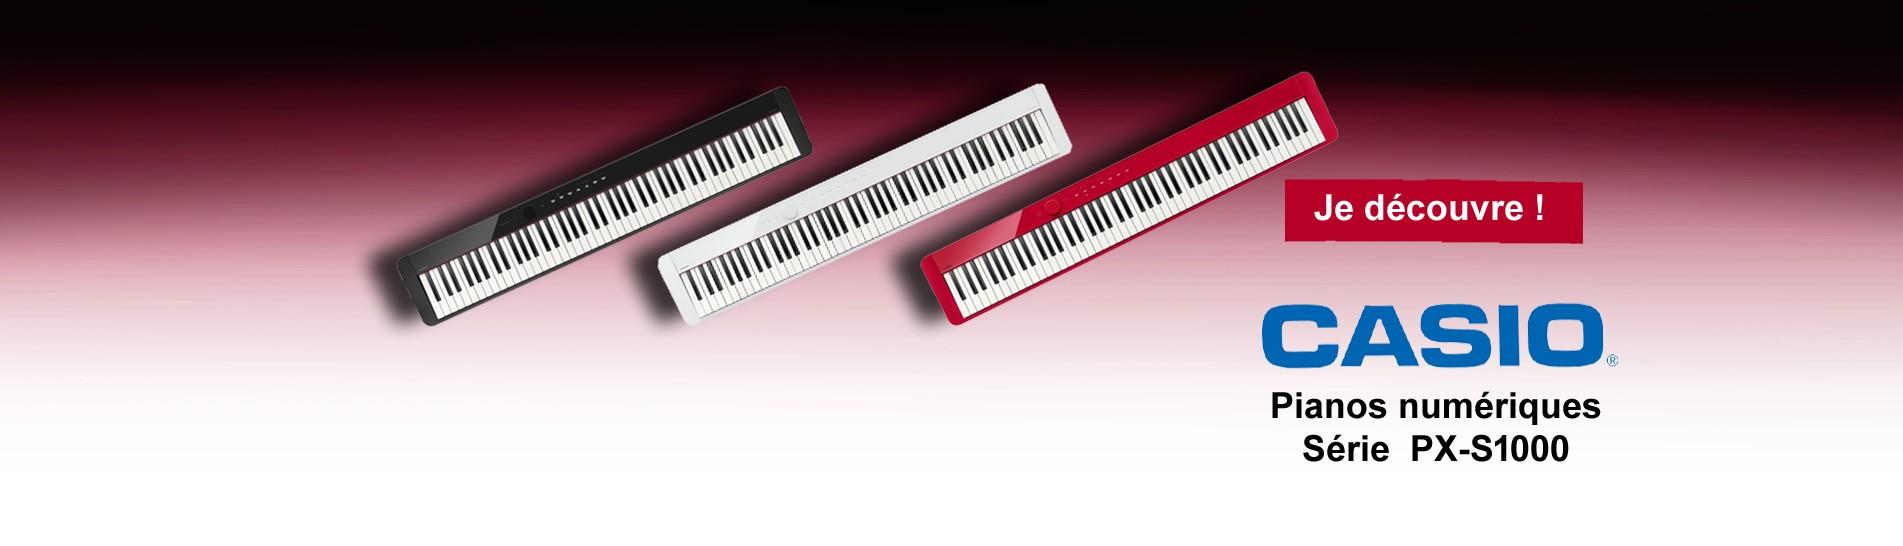 PIANO NUMERIQUE CASIO PX S1000